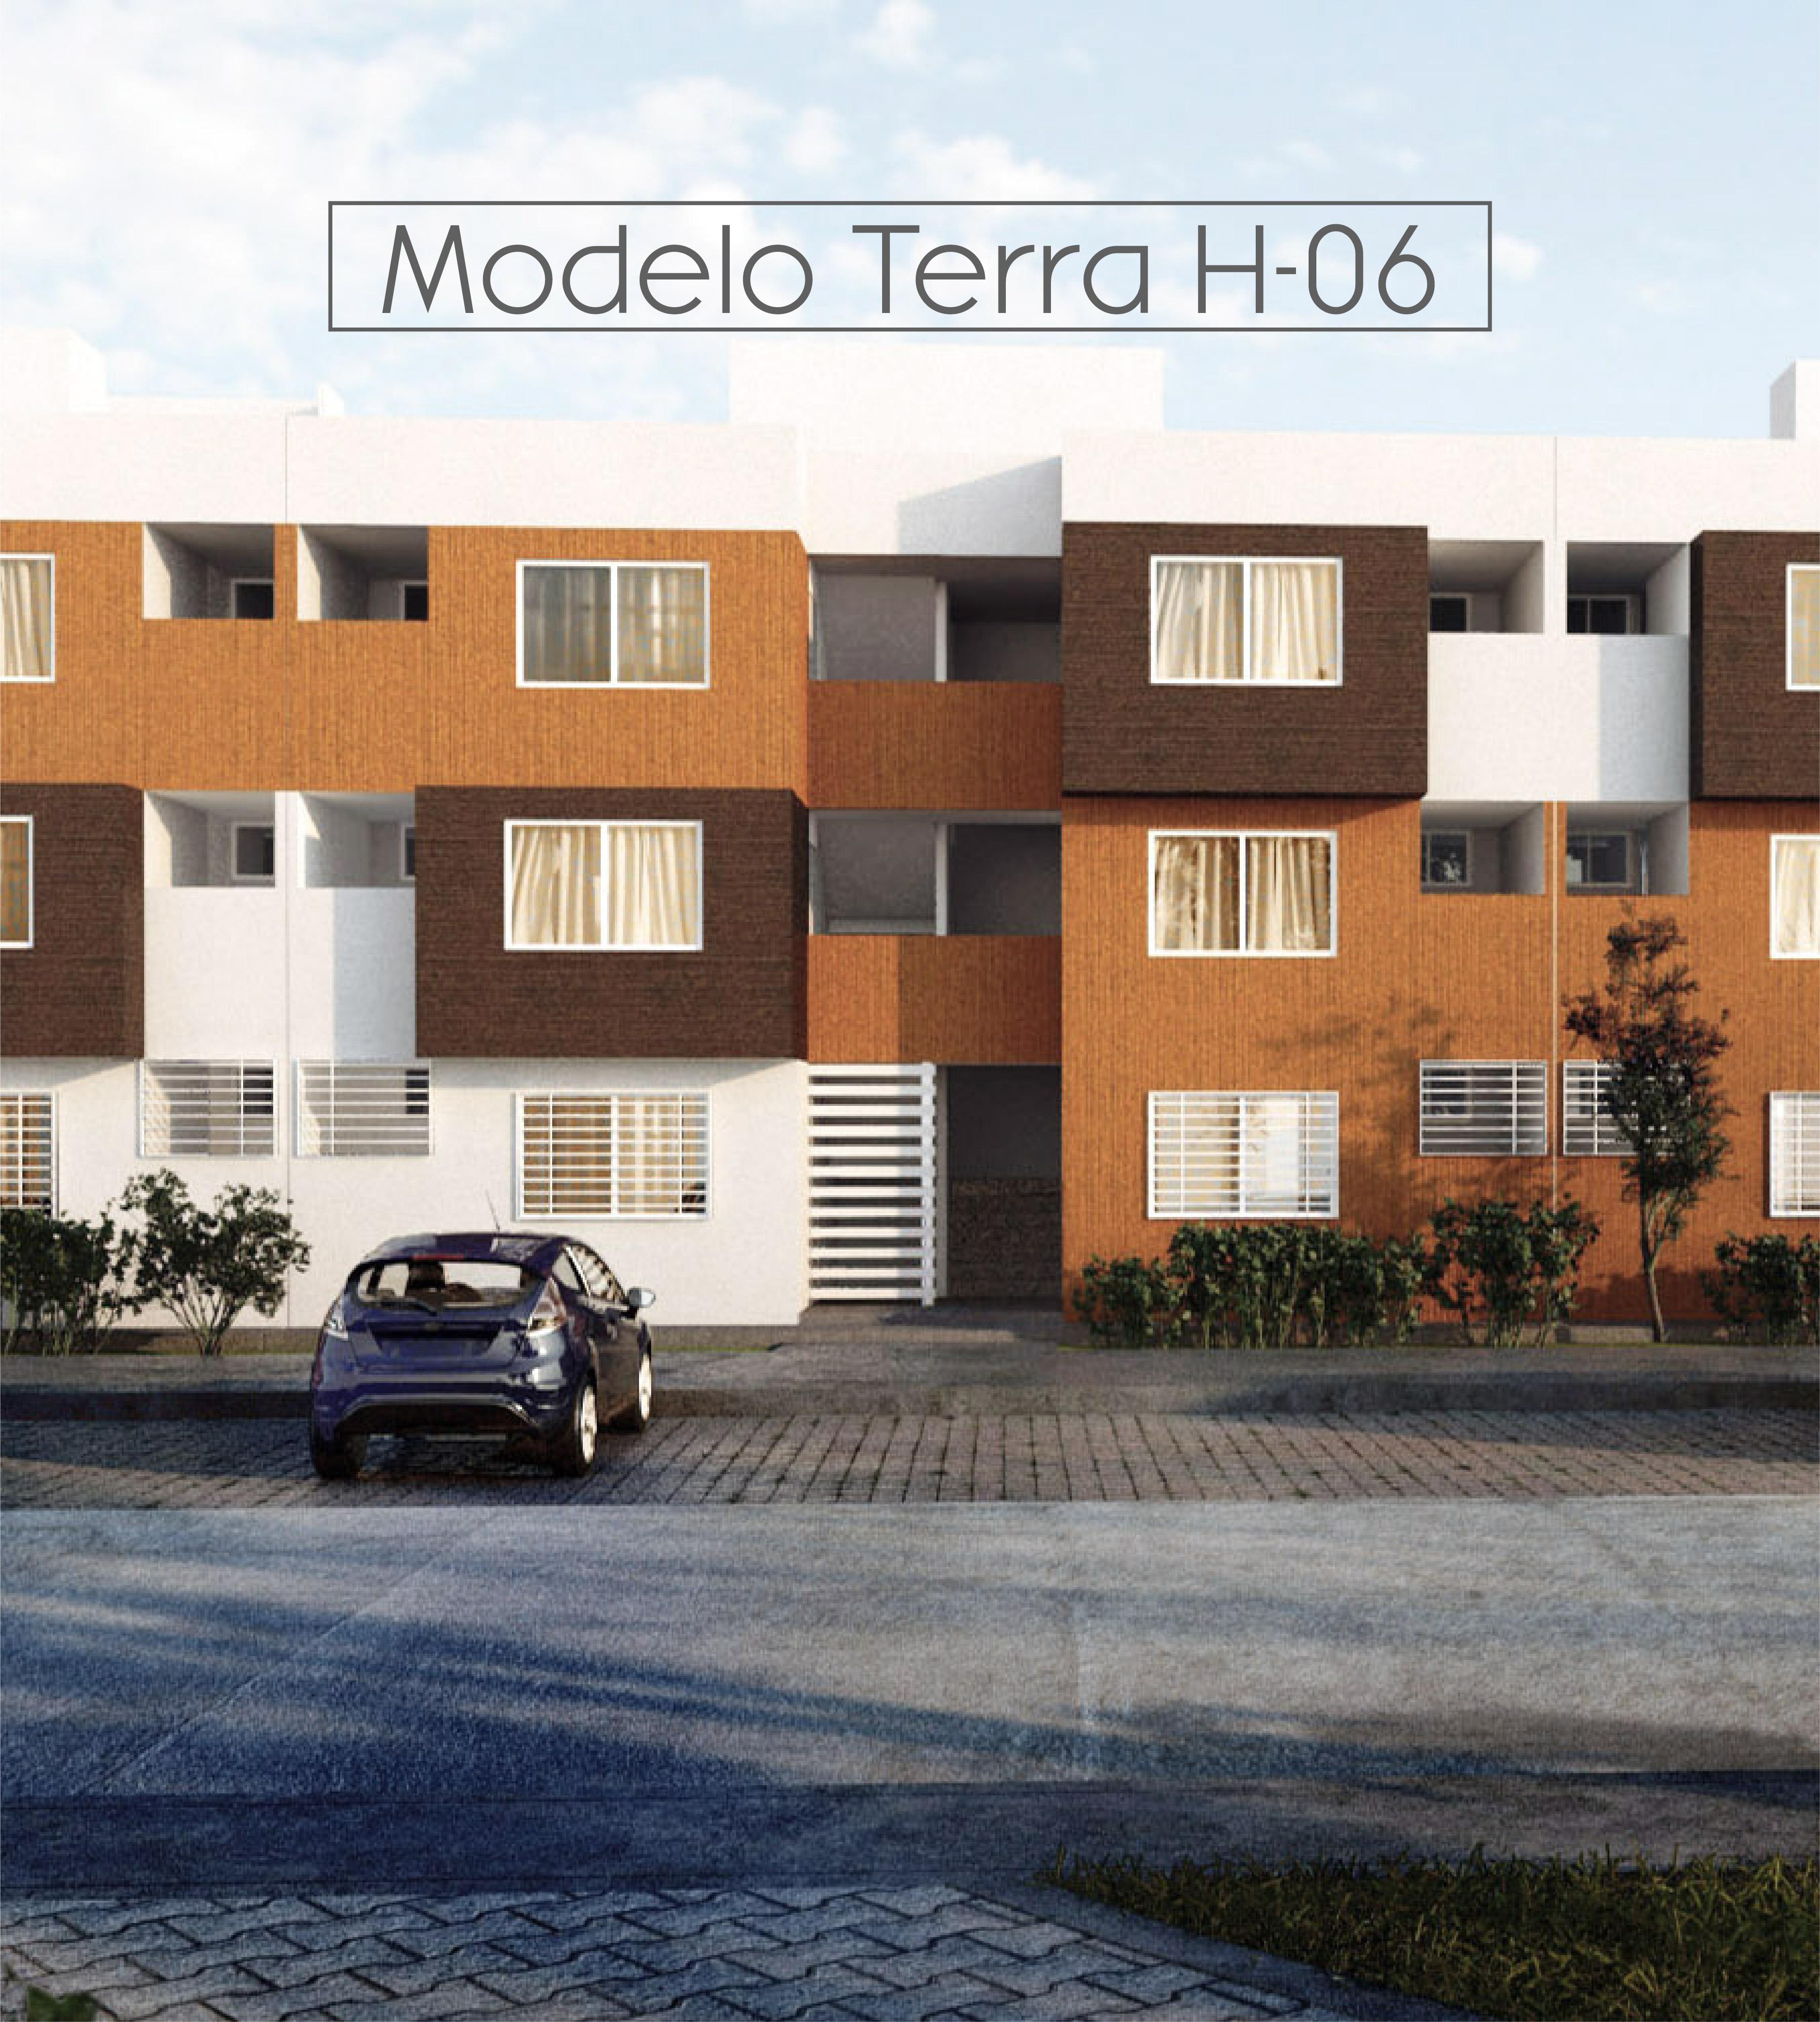 LA PIEDAD SITIO WEB-TAMAÑO FICHA TECNICA RENDERS, FOTOS-02